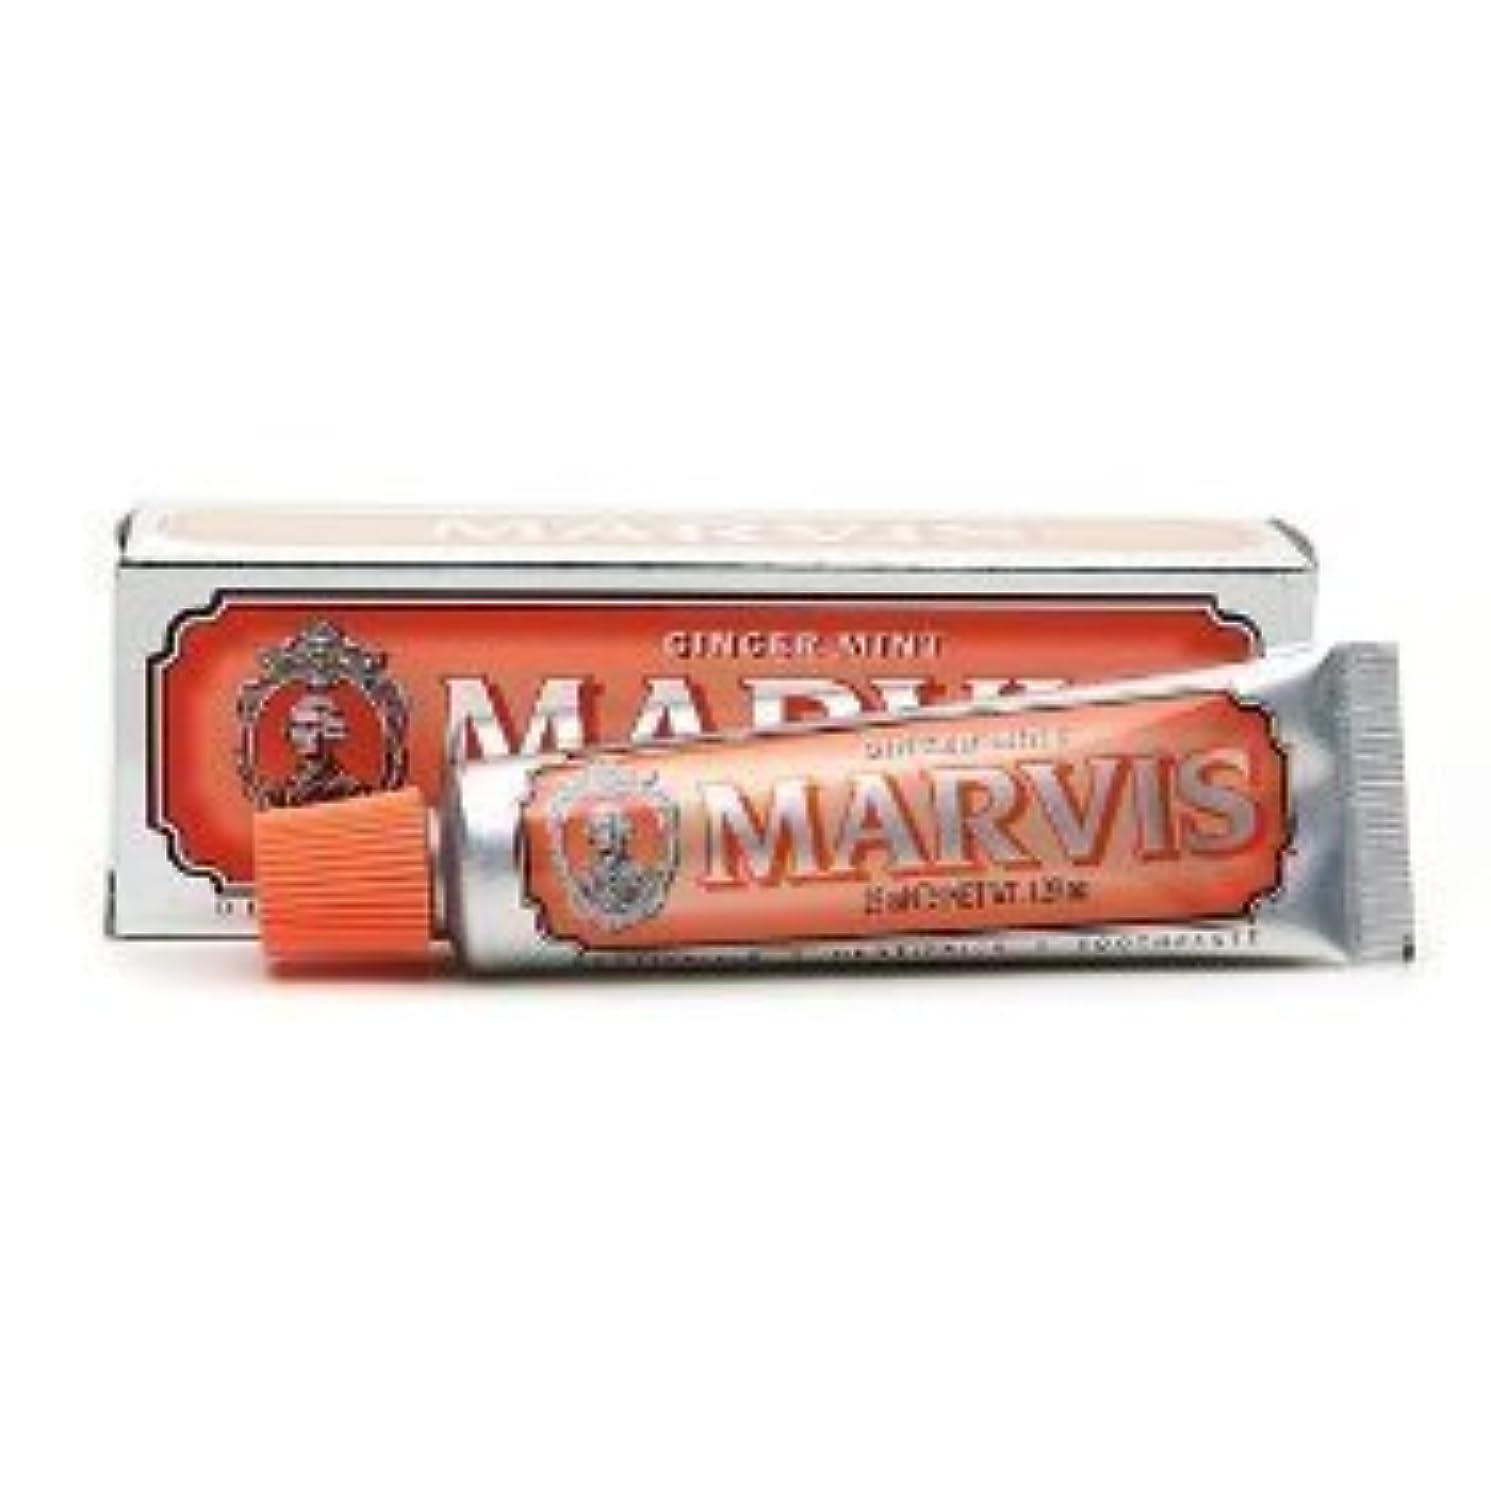 波紋港放散するMarvis Toothpaste Ginger Mint Travel Size by Marvis [並行輸入品]